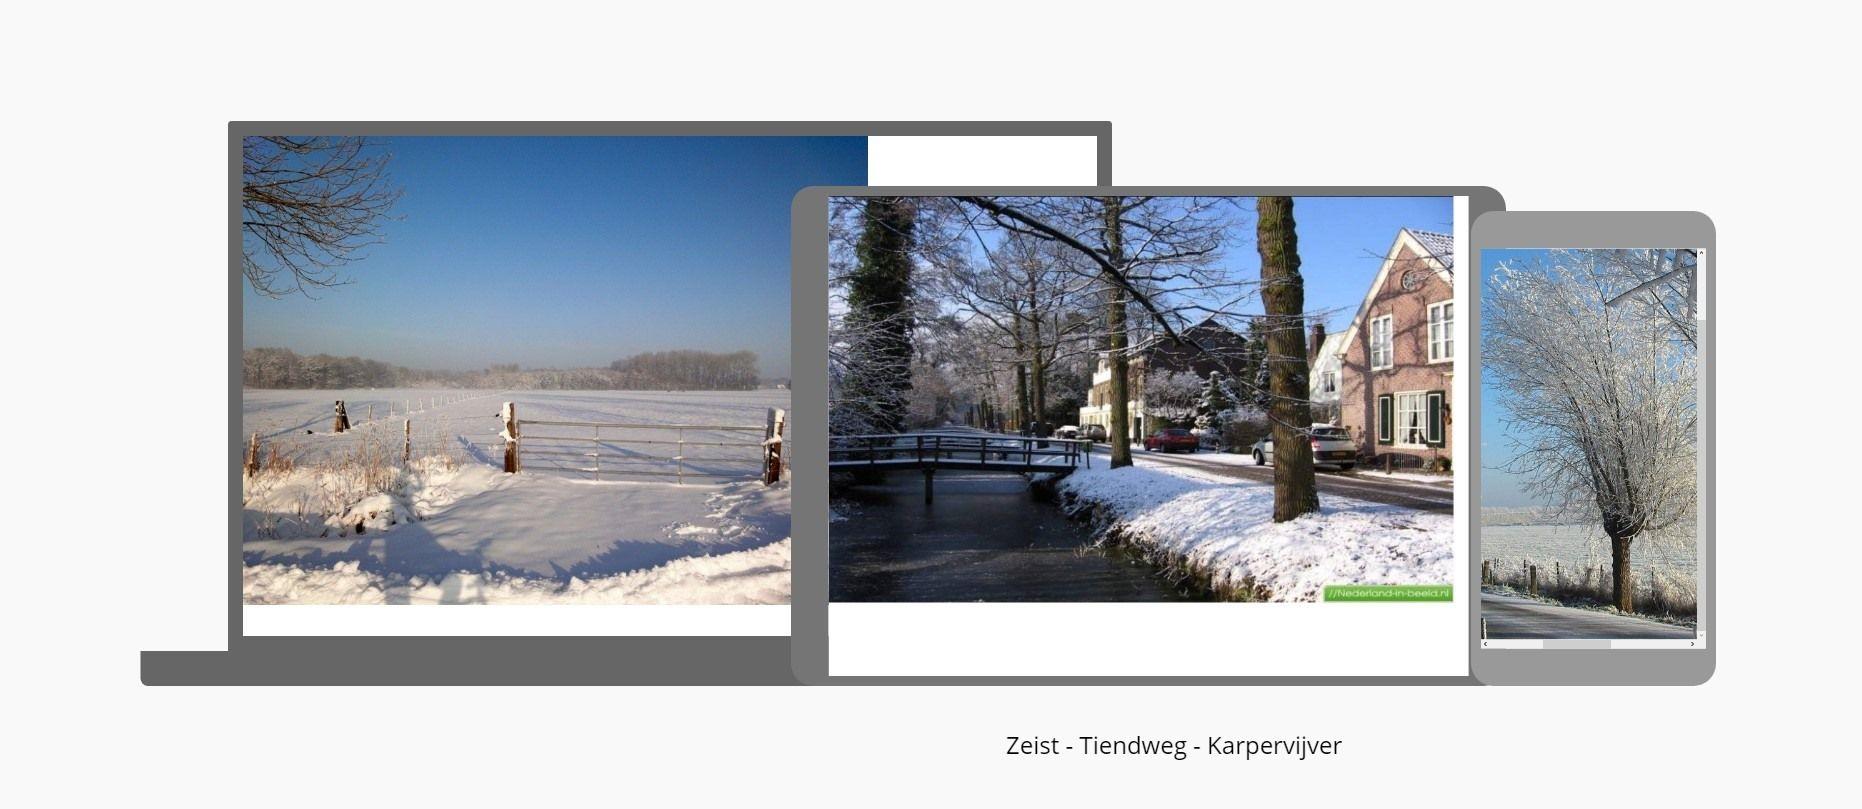 Winter -  Zeist Tiendweg - Karpervijver